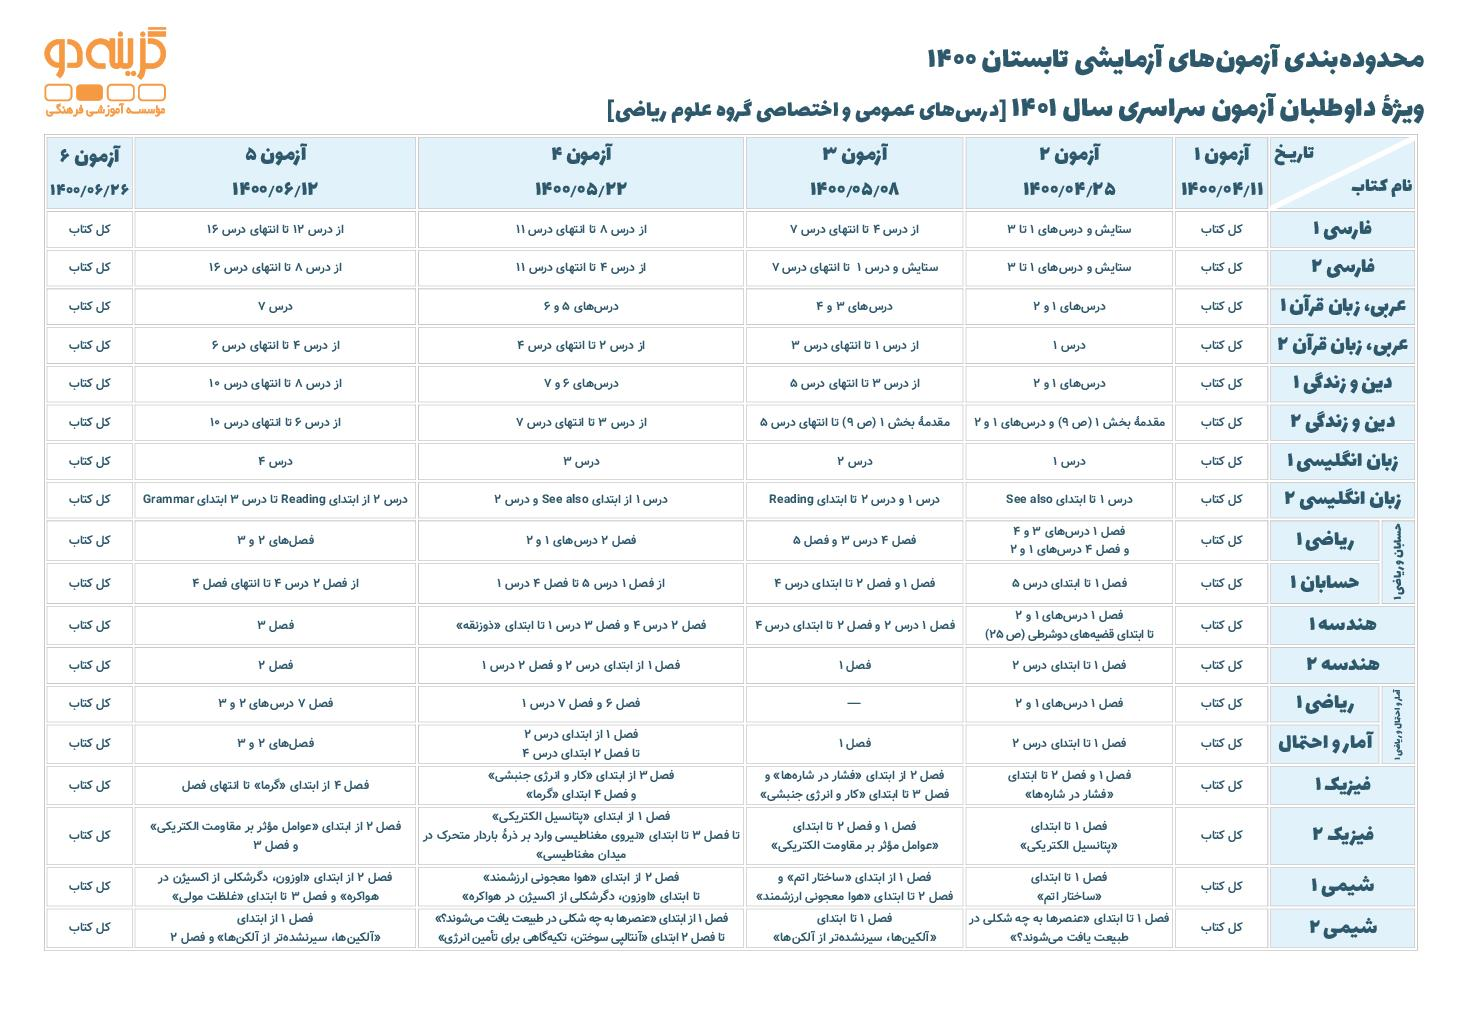 محدوده بندی آزمون های آزمایشی در تابستان 1400 ویژه داوطلبان کنکور (PDF)